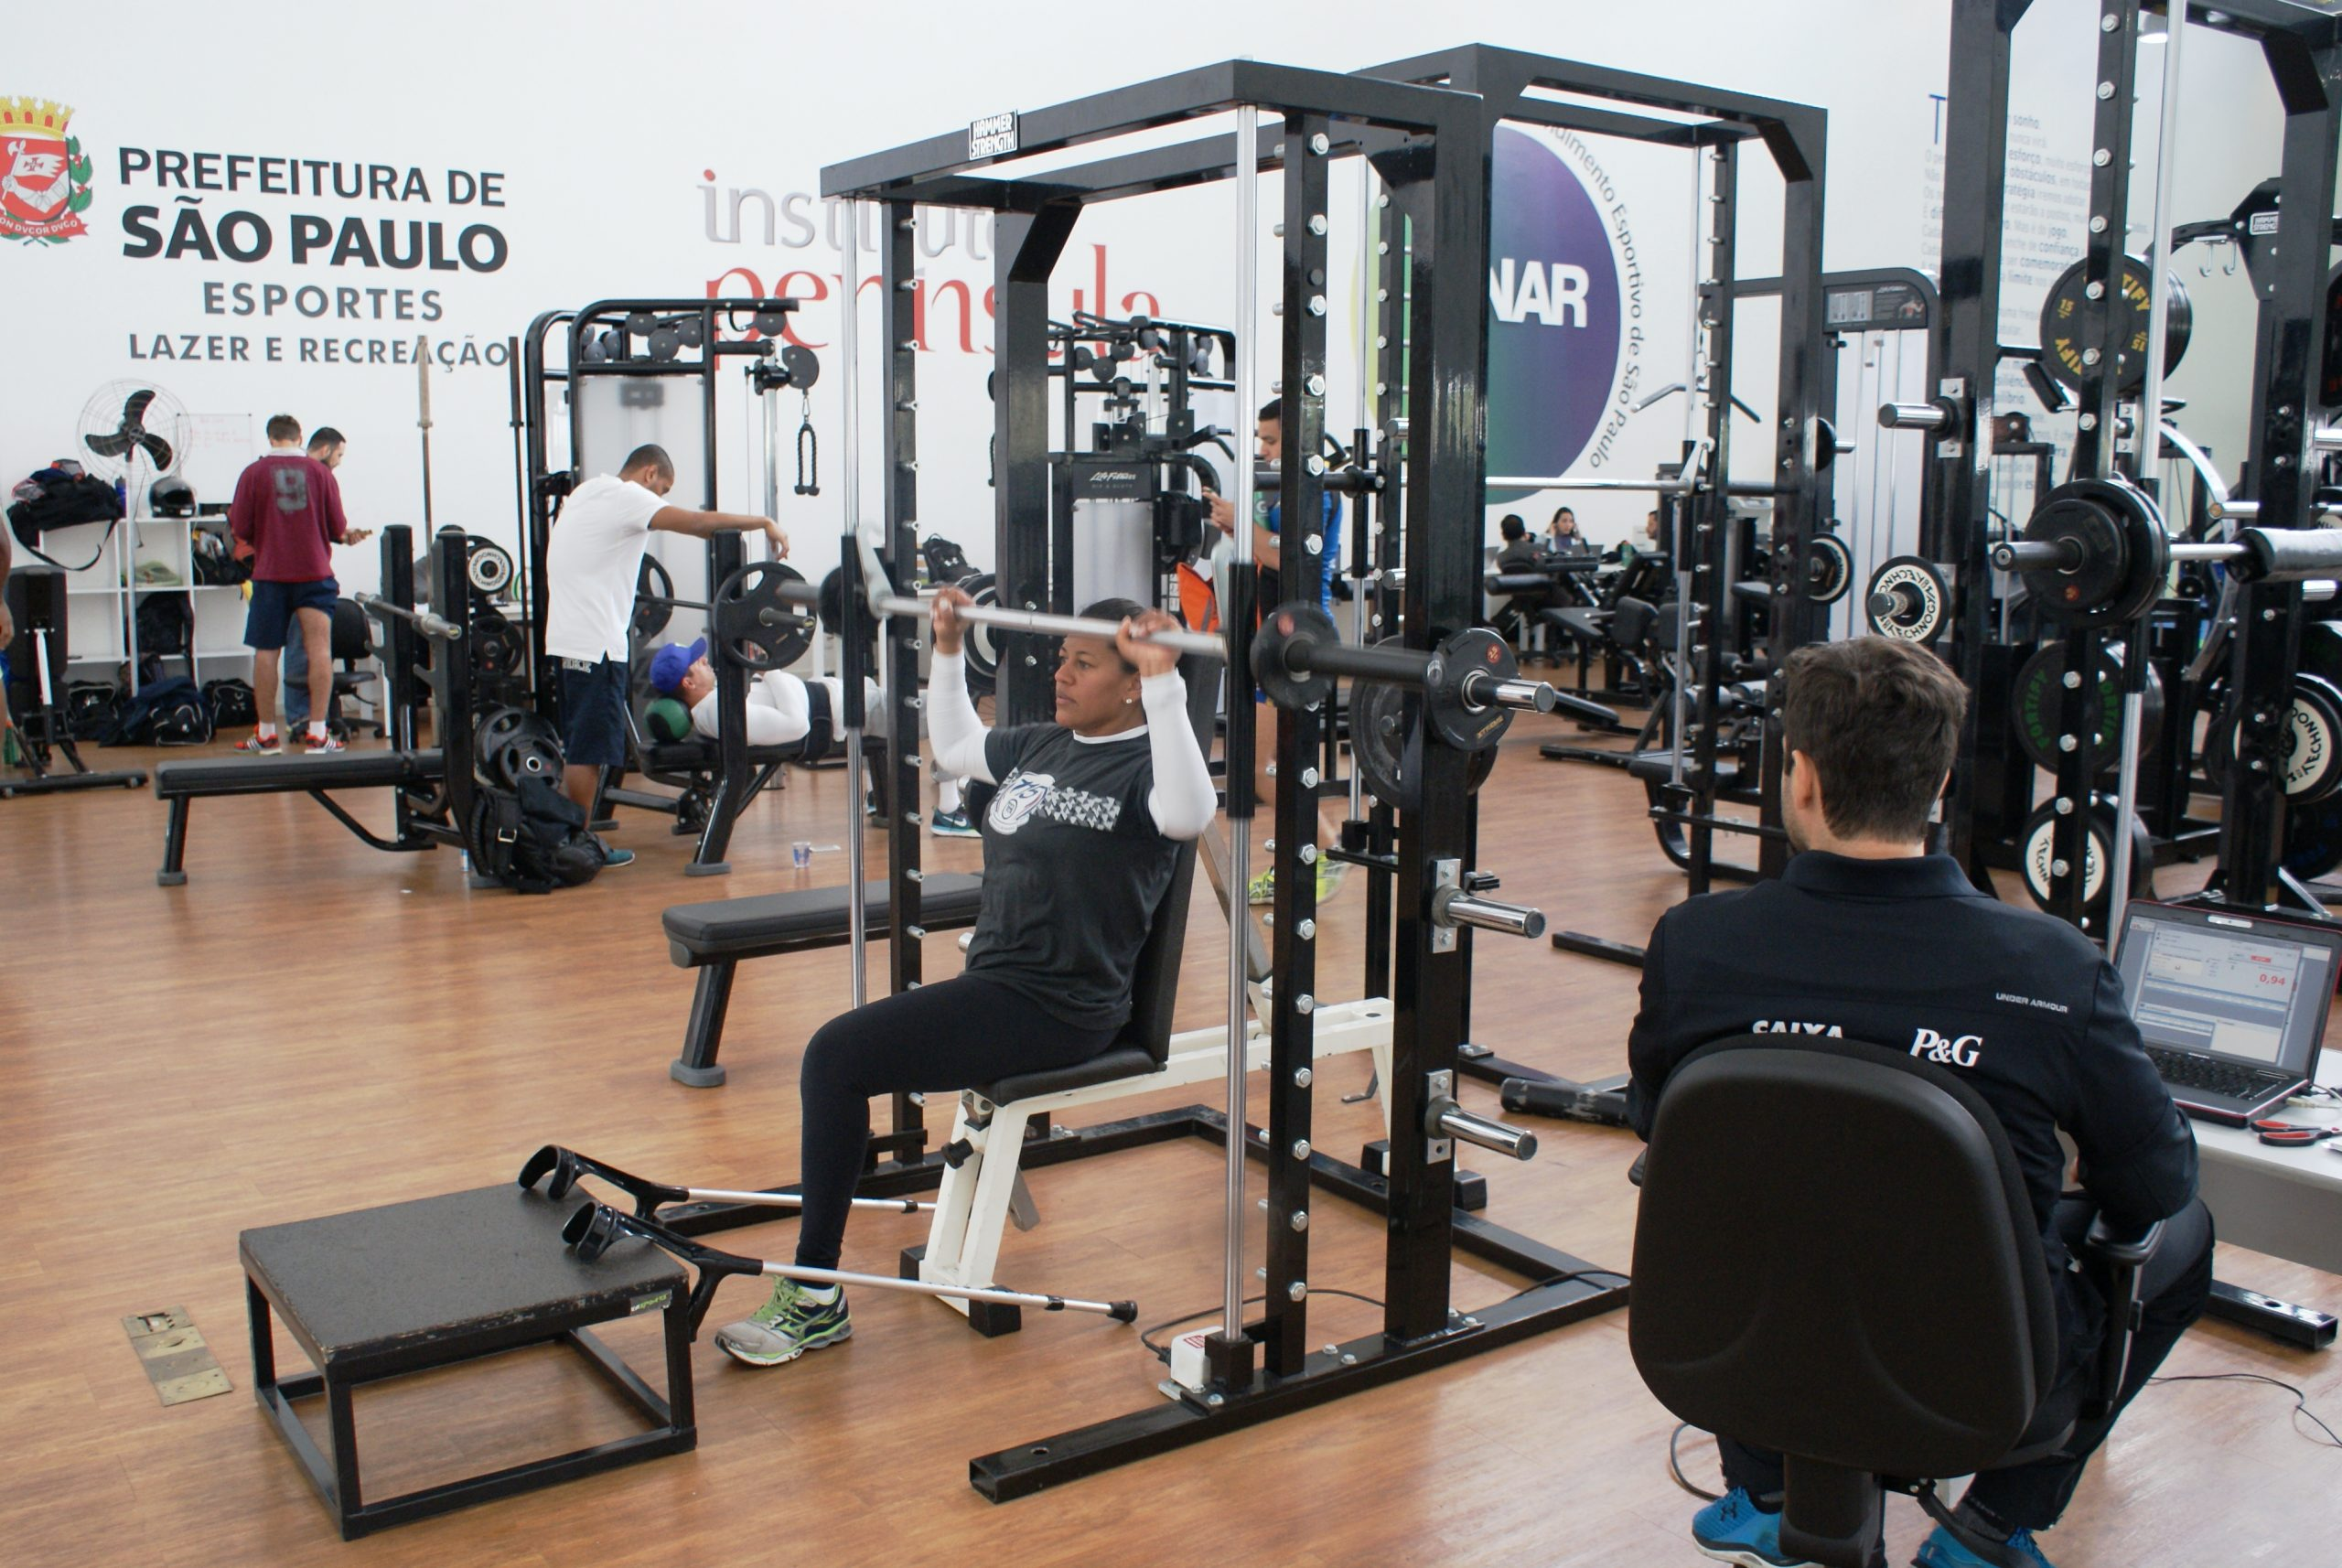 Cláudia Santos continua sua preparação para os Jogos Paralímpicos no NAR